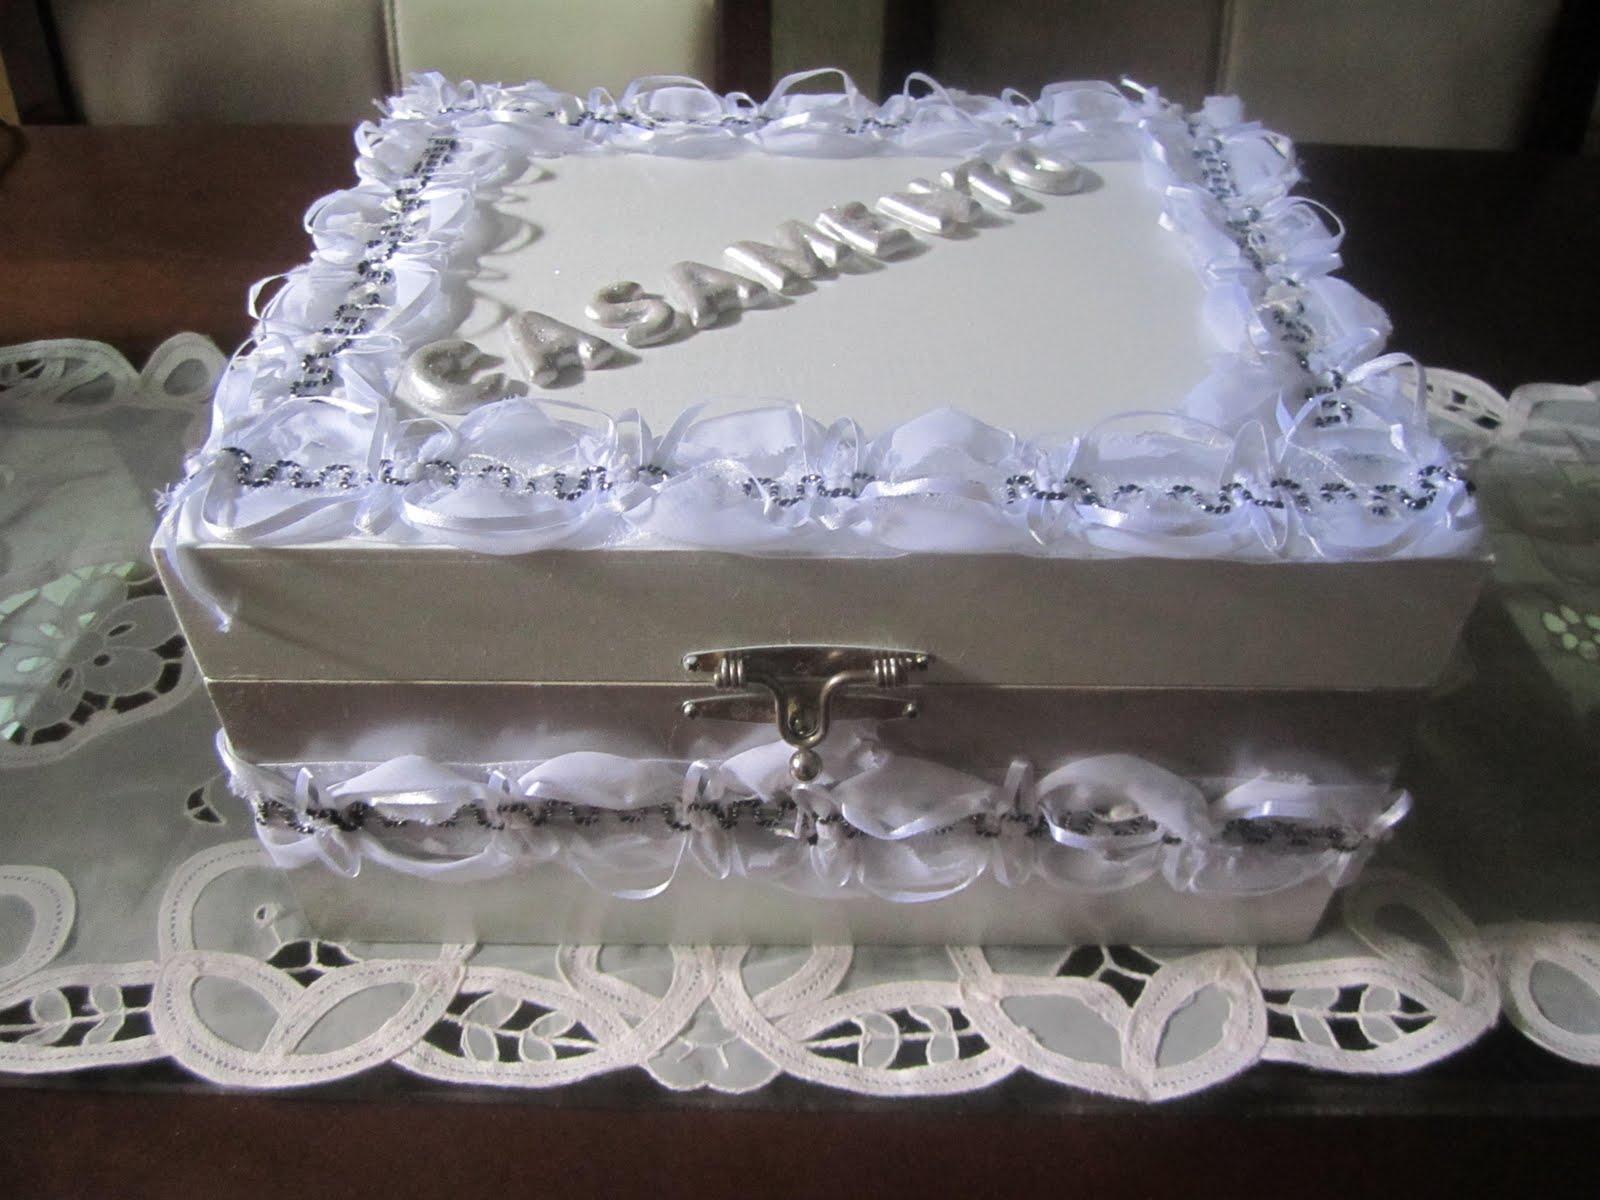 Marília Ateliê: Caixa MDF para Casamento #4E567D 1600x1200